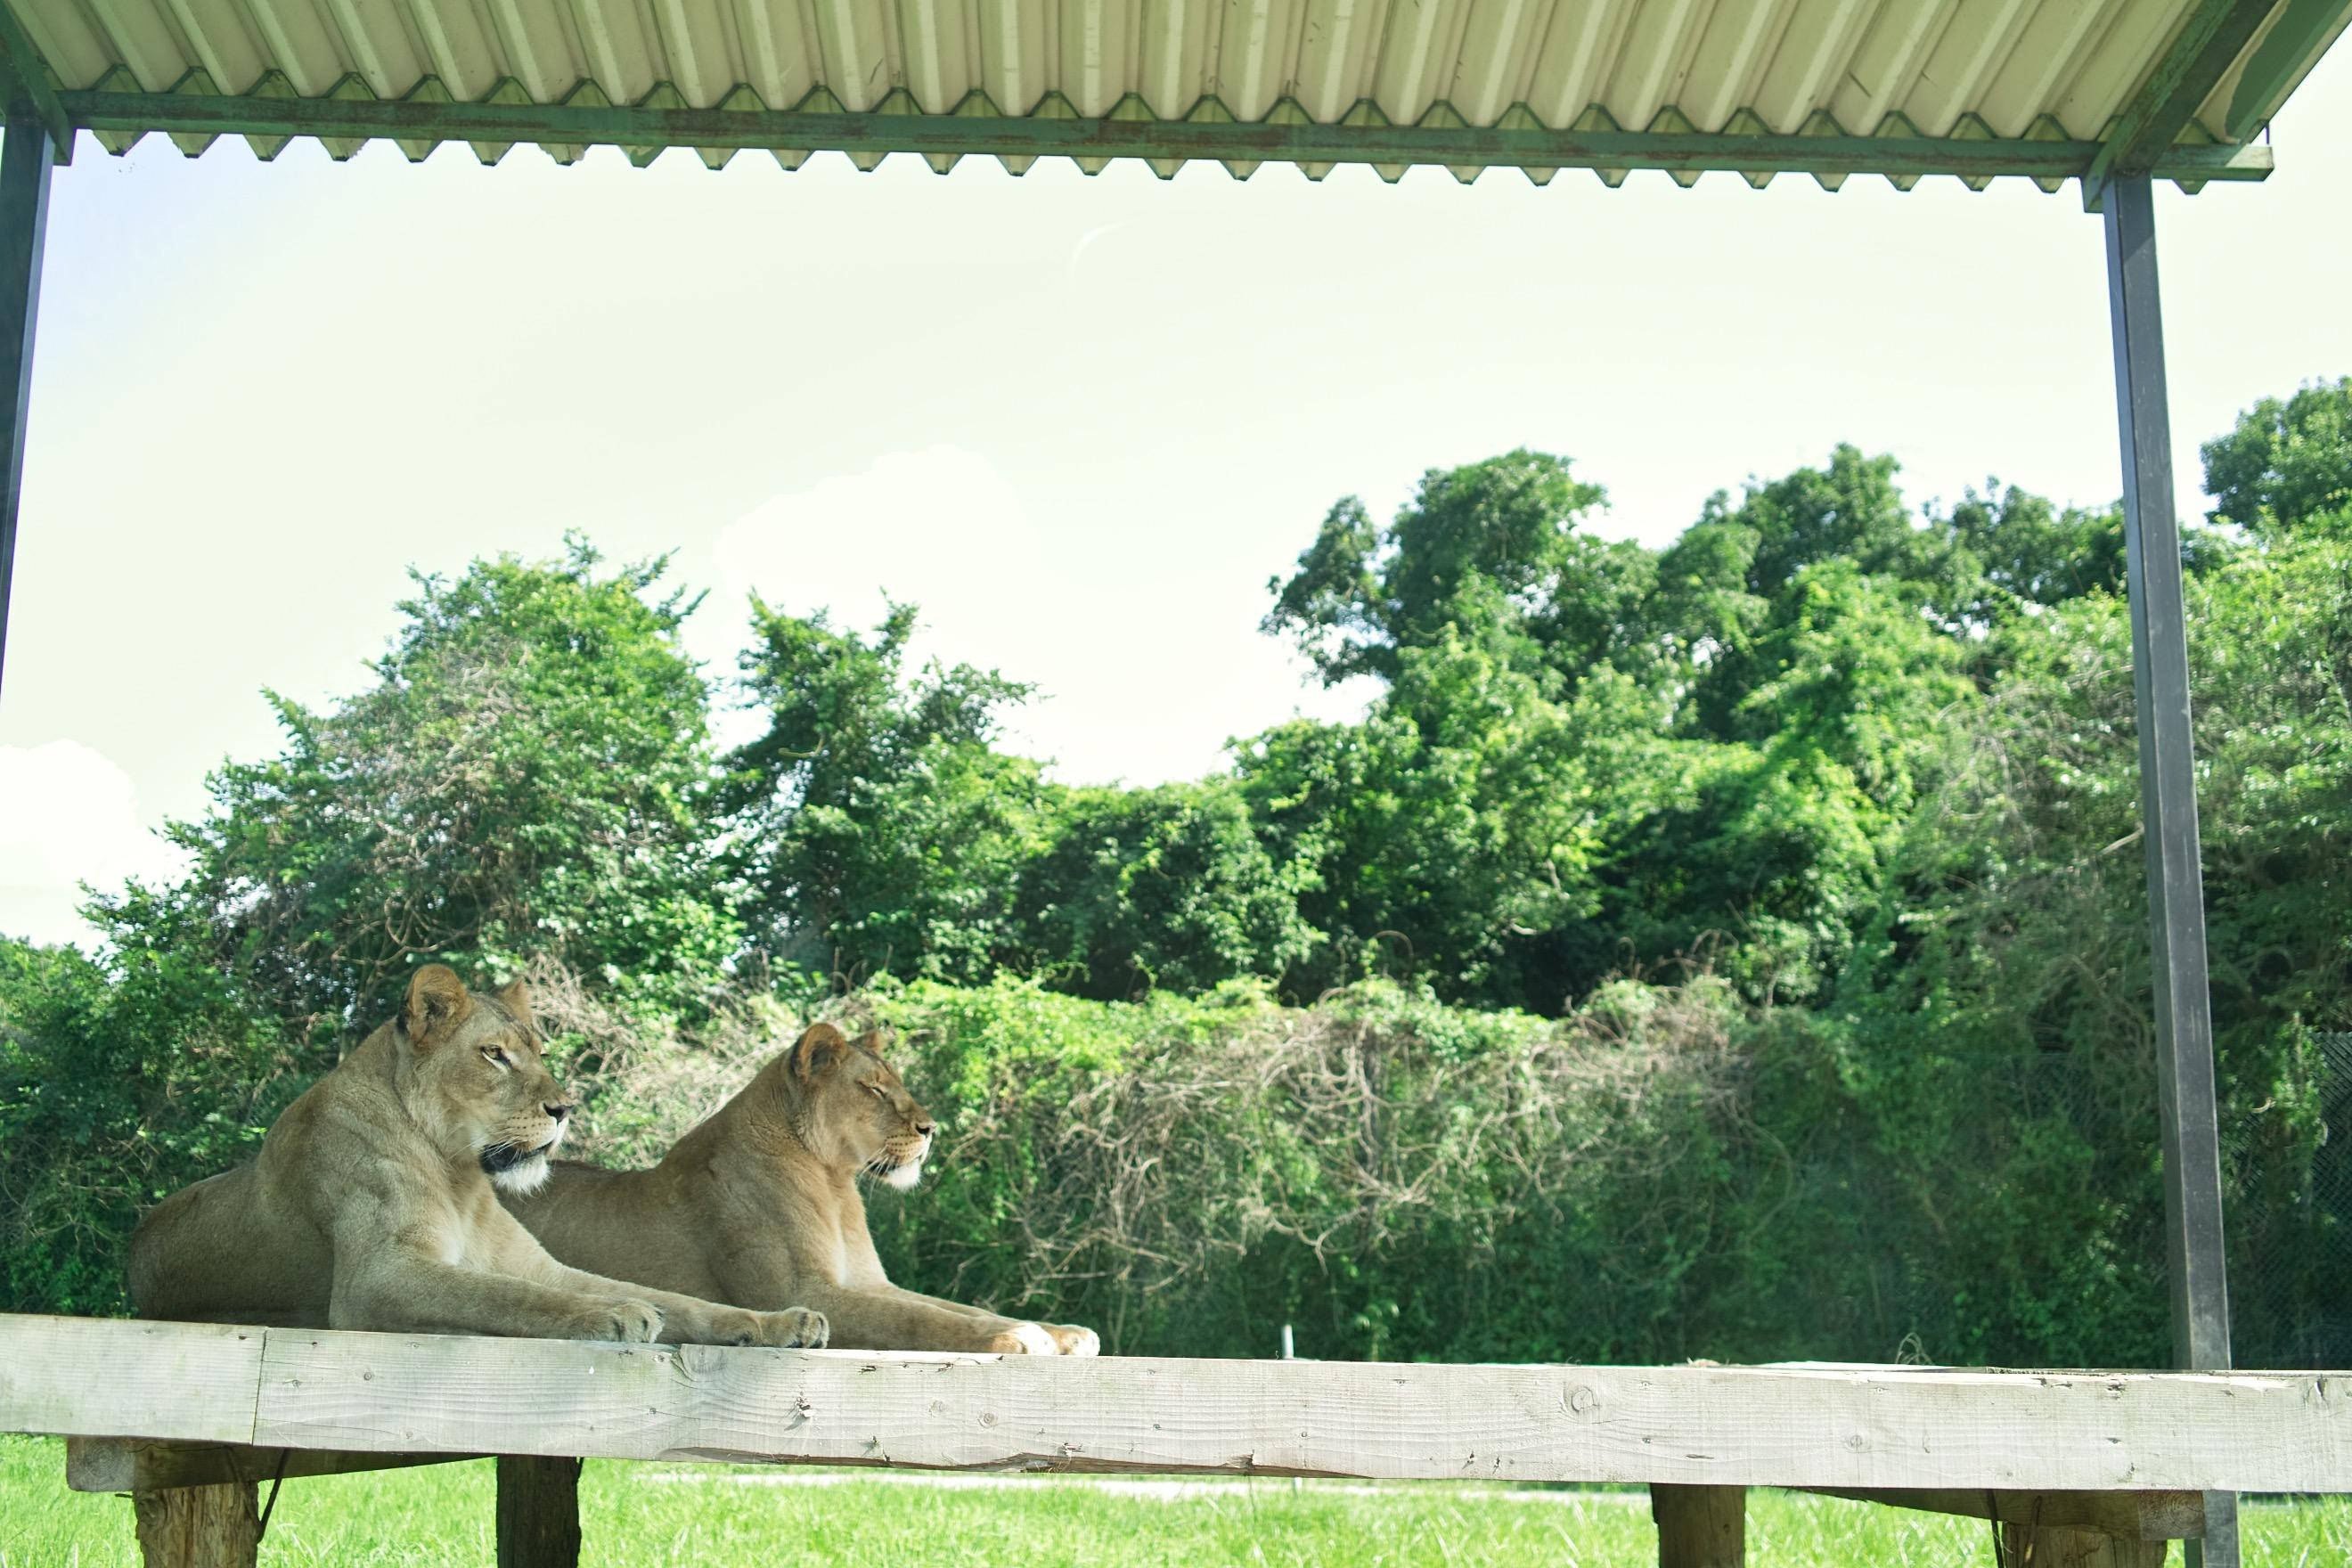 動物園とかのライオンって運動してんのかな。